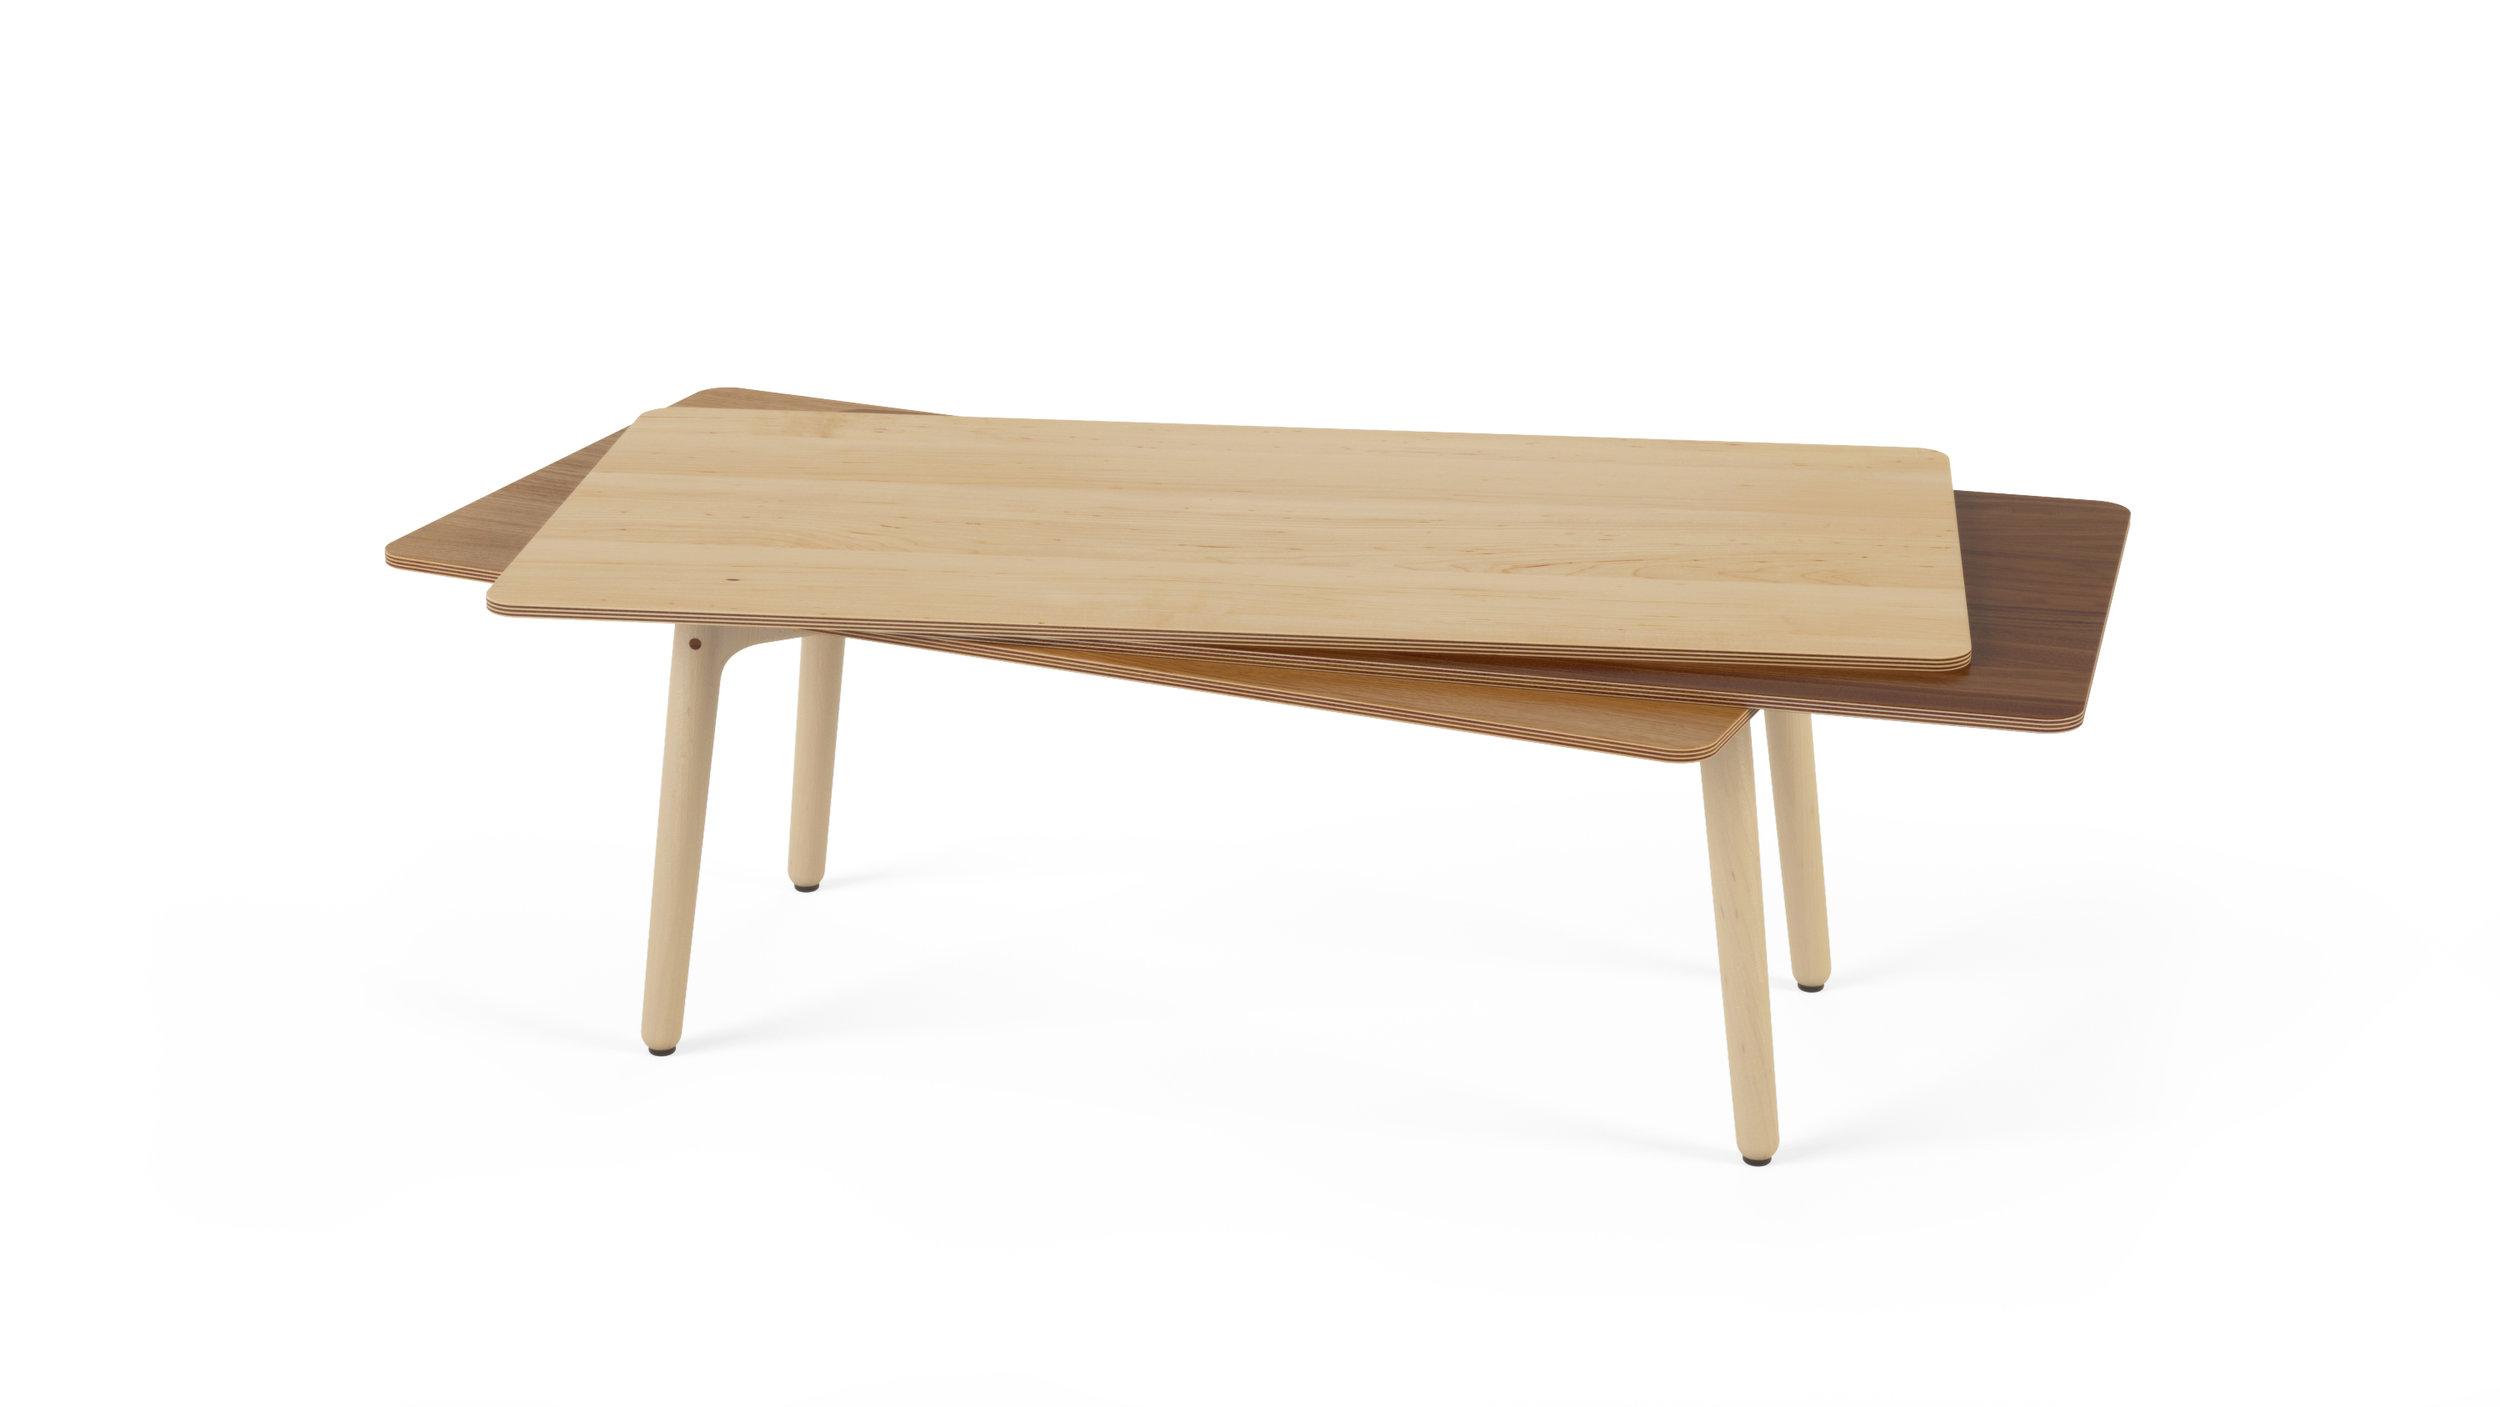 Stacked Coffee Table (Wood) - Maple, Walnut, Oak.jpg